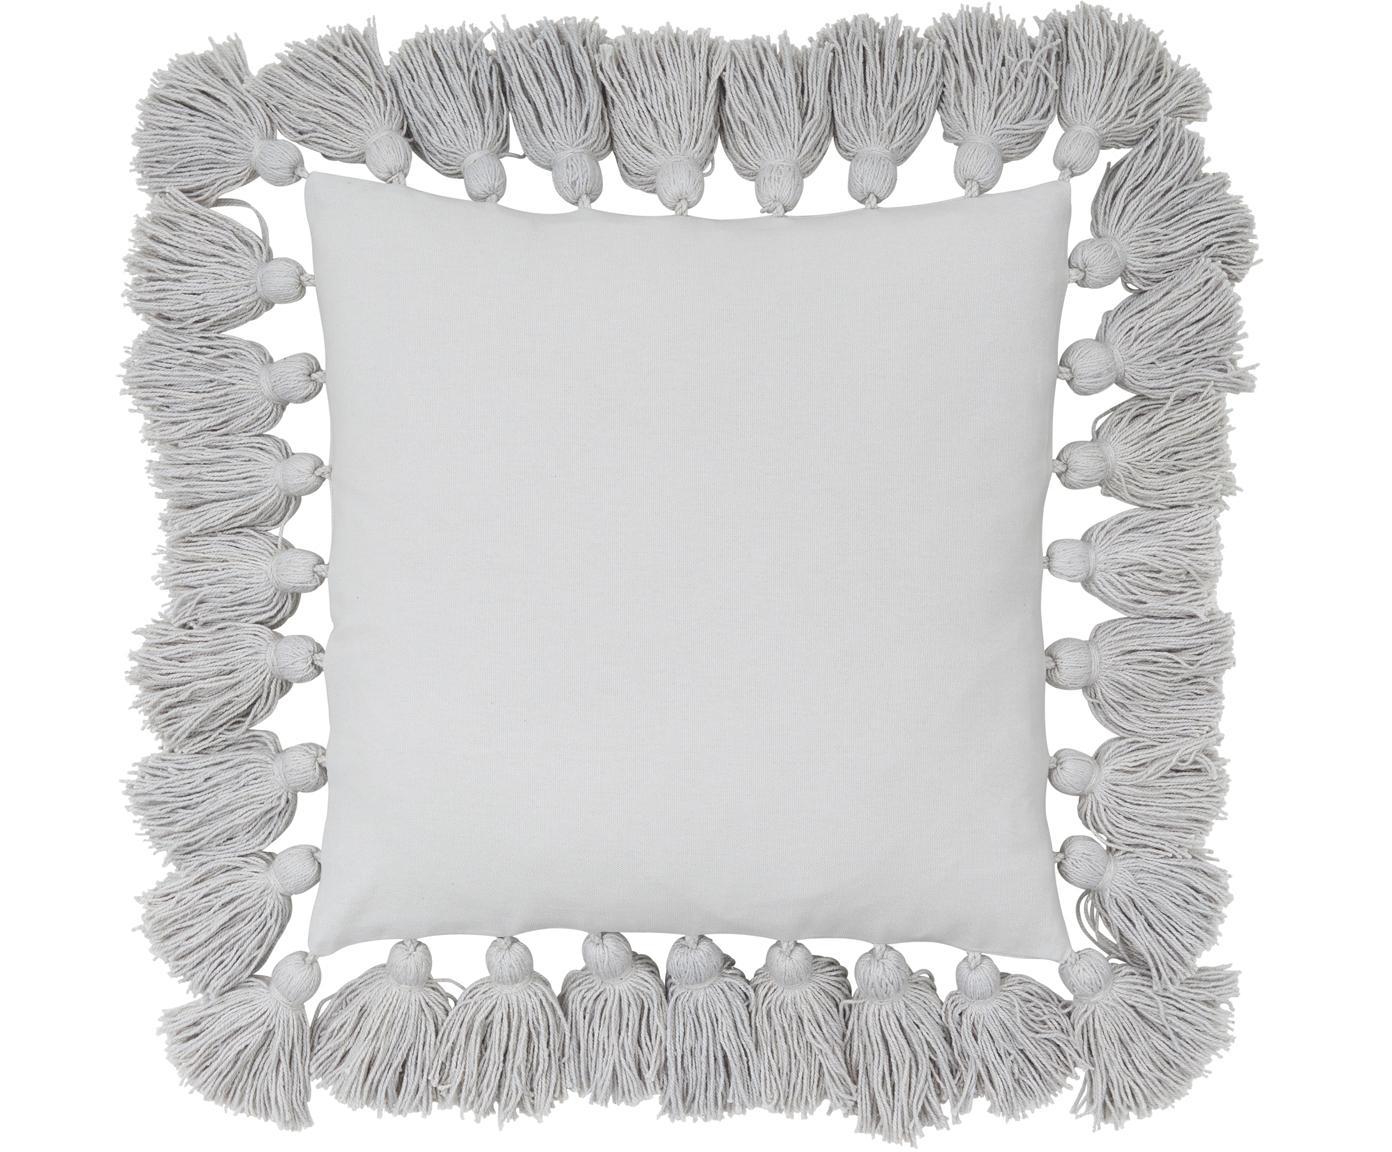 Kissenhülle Shylo mit Quasten, 100% Baumwolle, Hellgrau, 40 x 40 cm